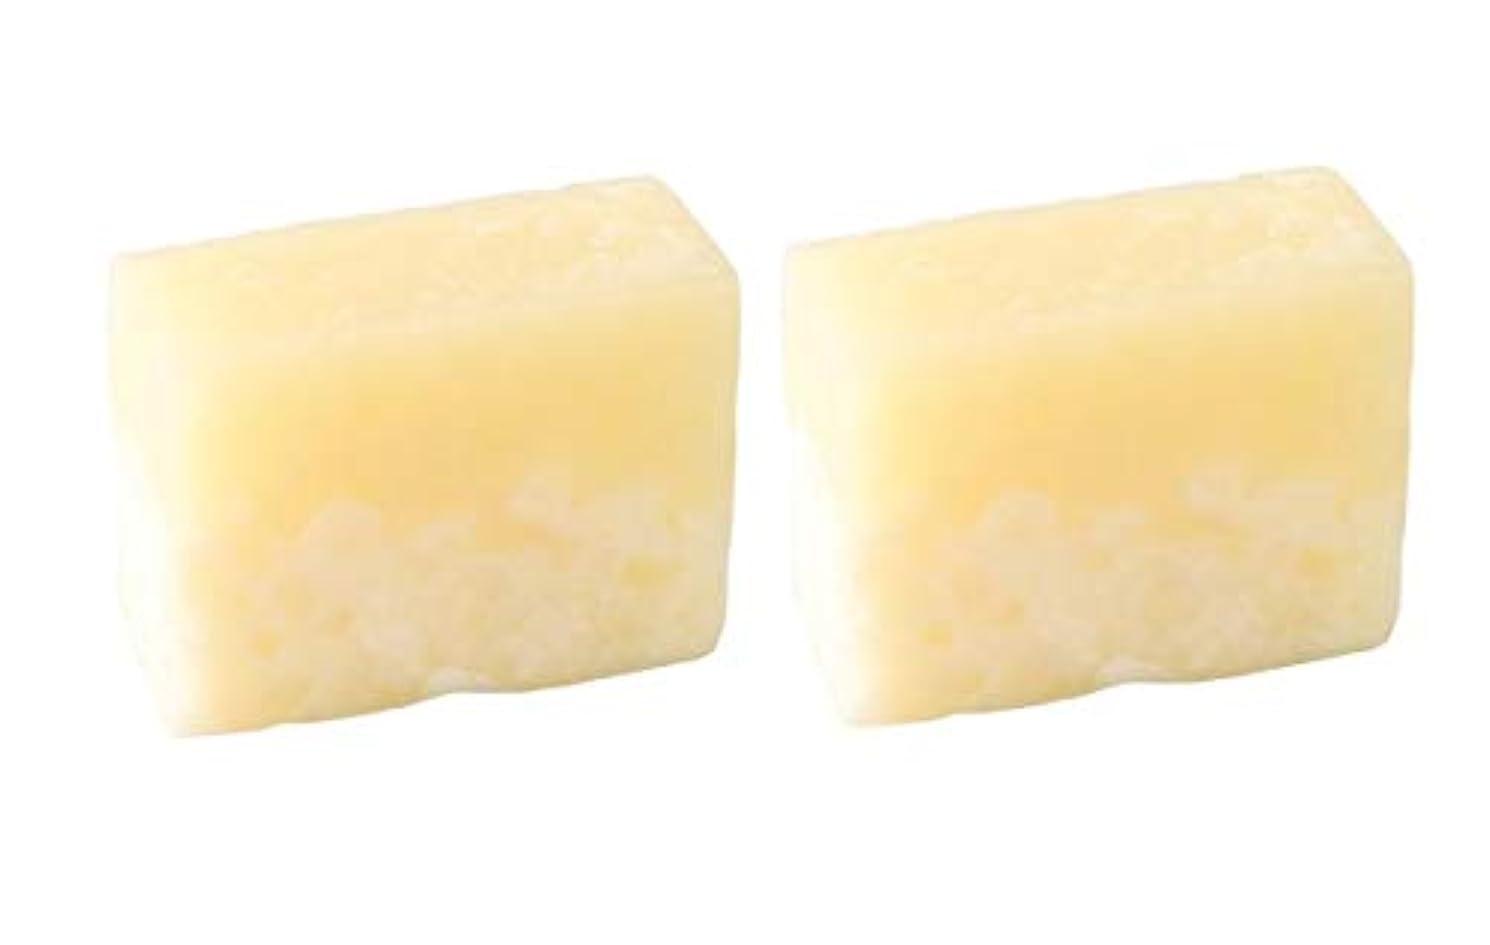 作曲家レンジ叫ぶLUSH ラッシュ ボヘミアン(100g)×2個セット レモンの爽やかな香りソープ